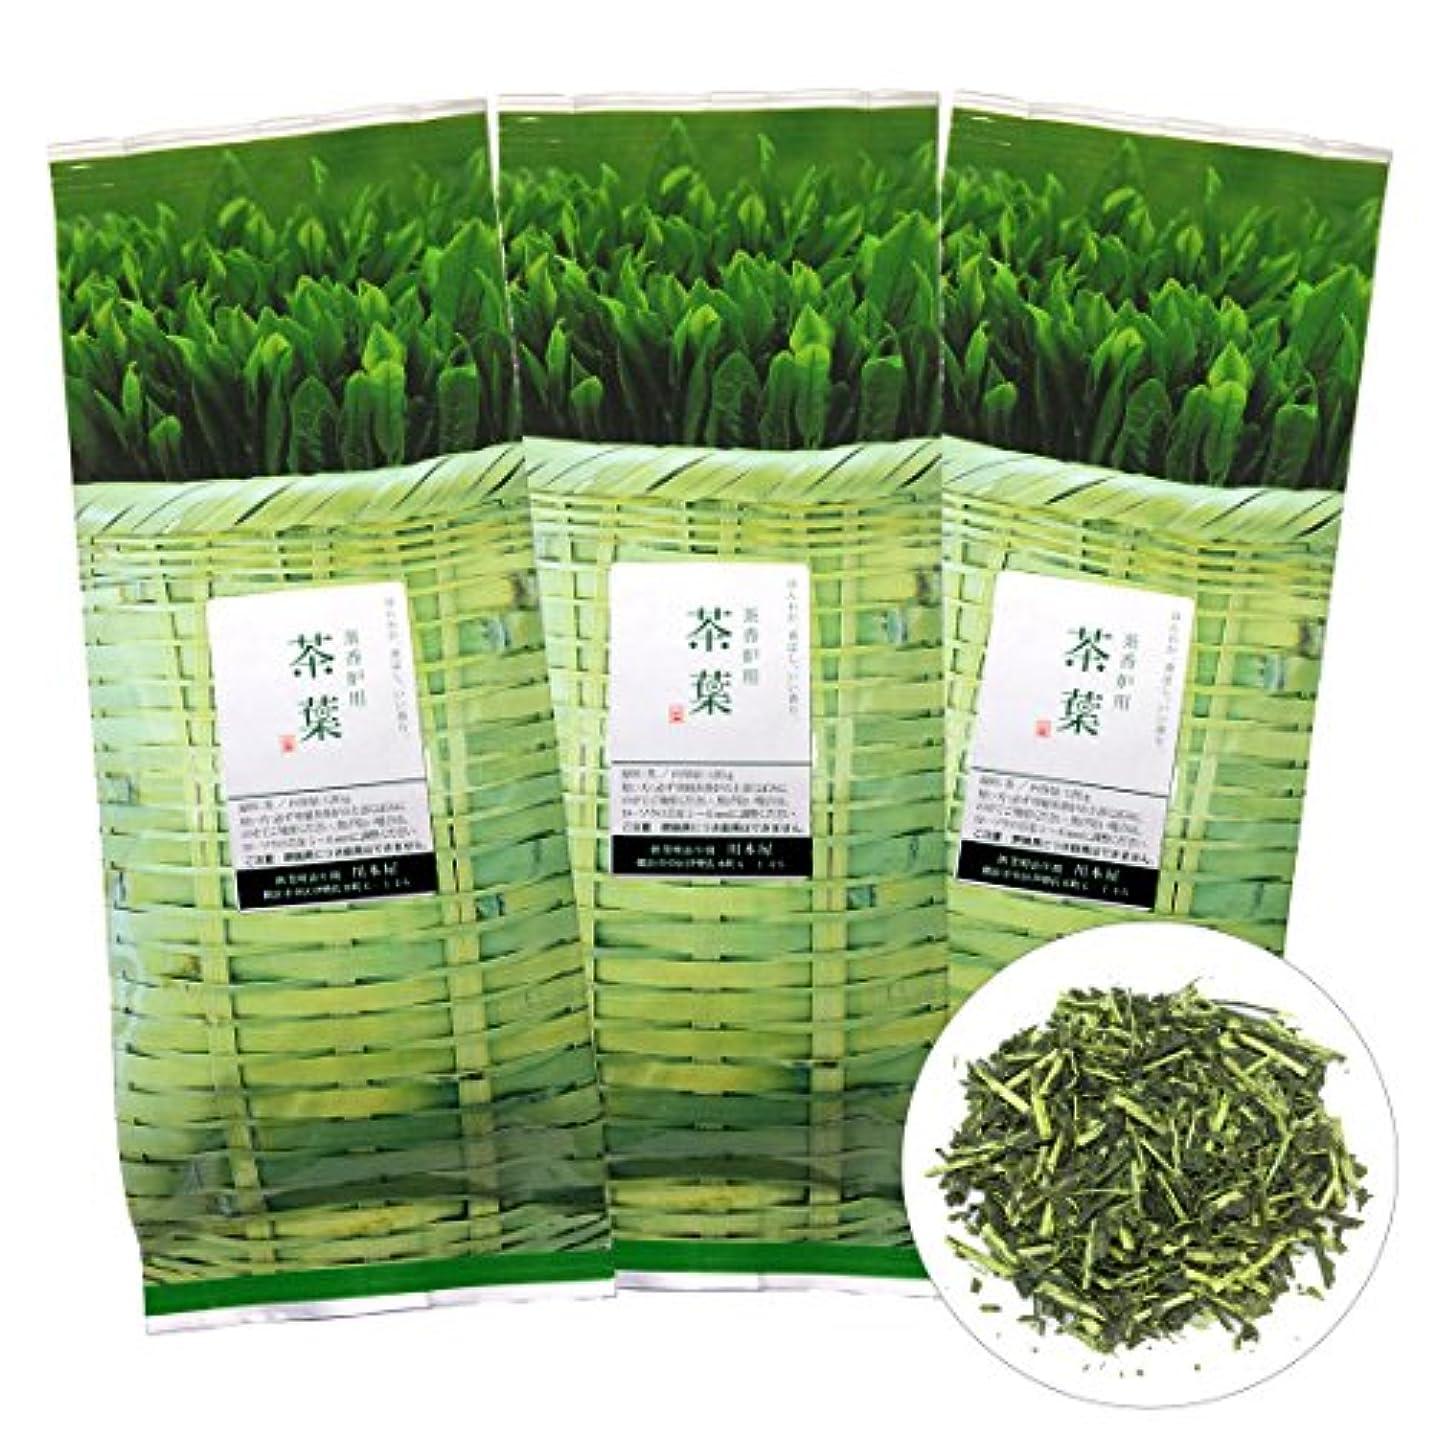 失速密タイマー国産 茶香炉専用 茶葉110g (3袋) 川本屋茶舗